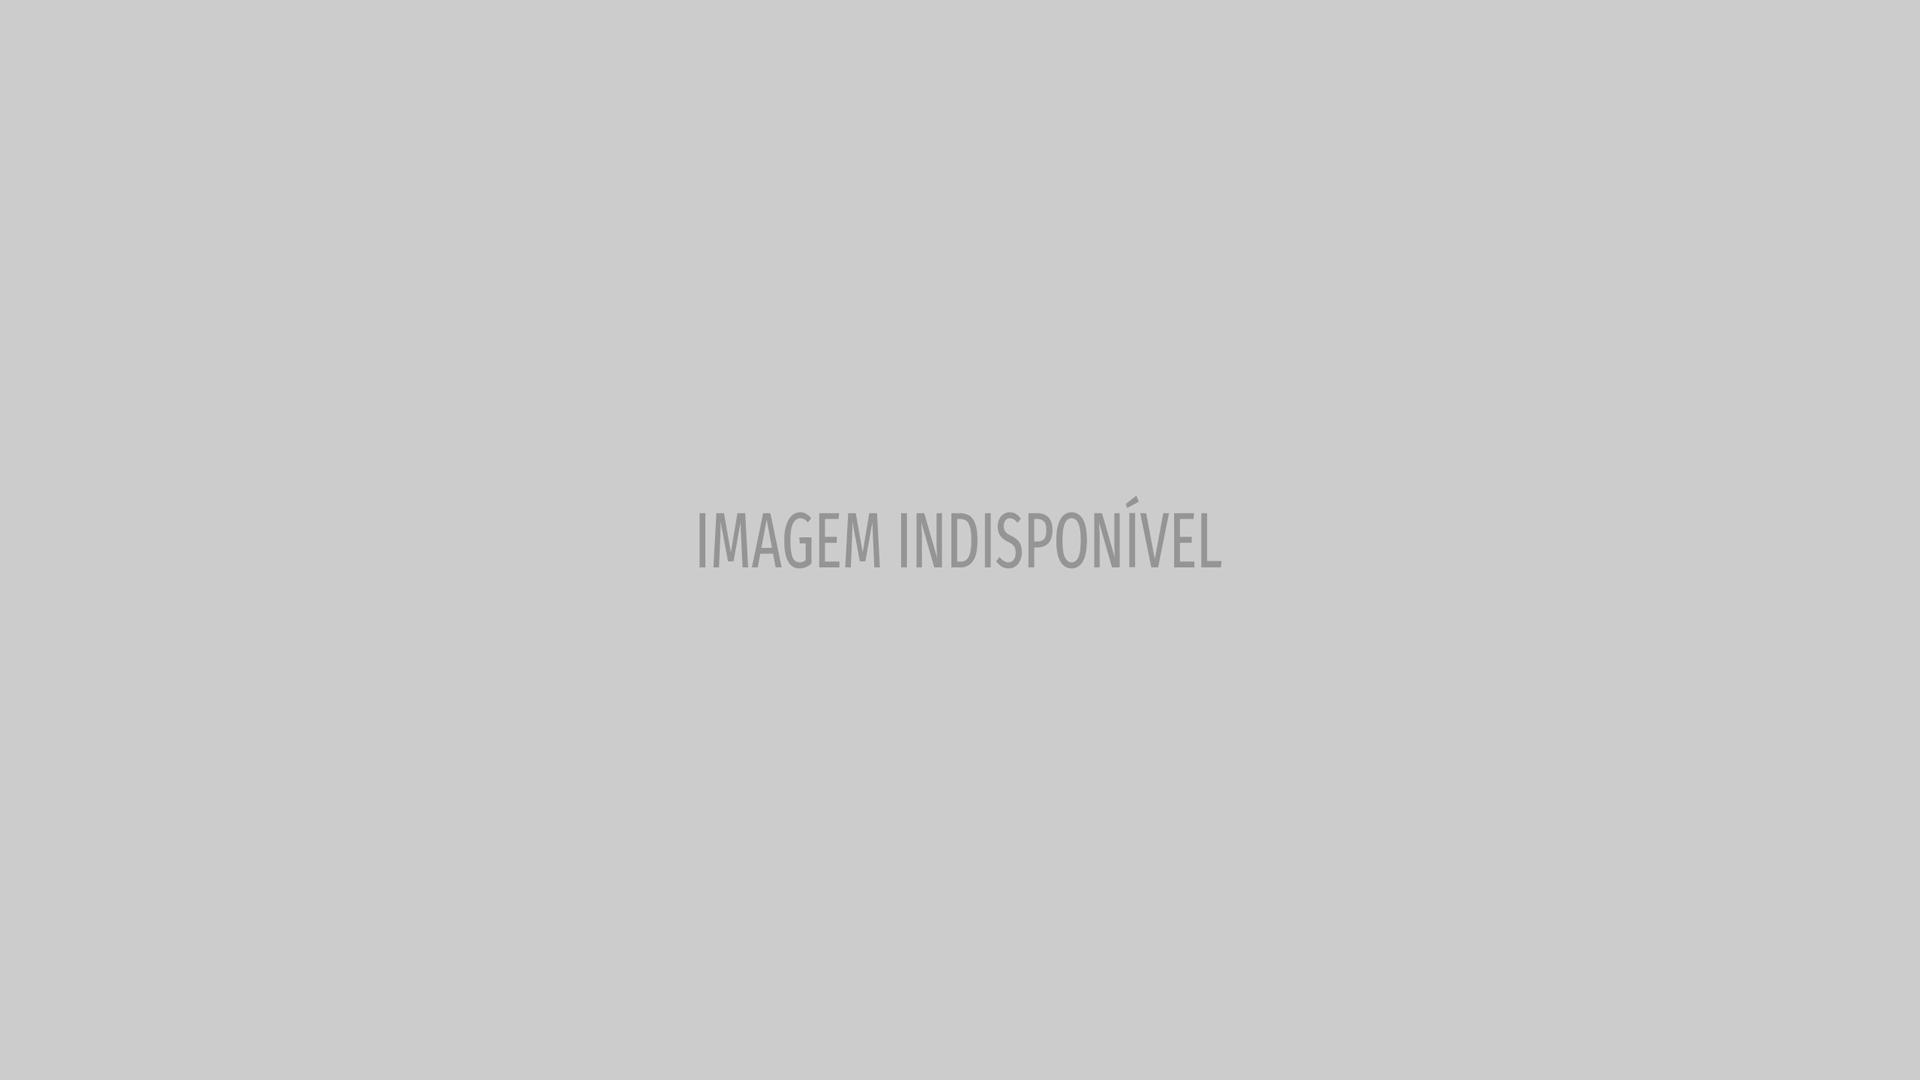 Cantora internacional recorda juventude. Reconhece?